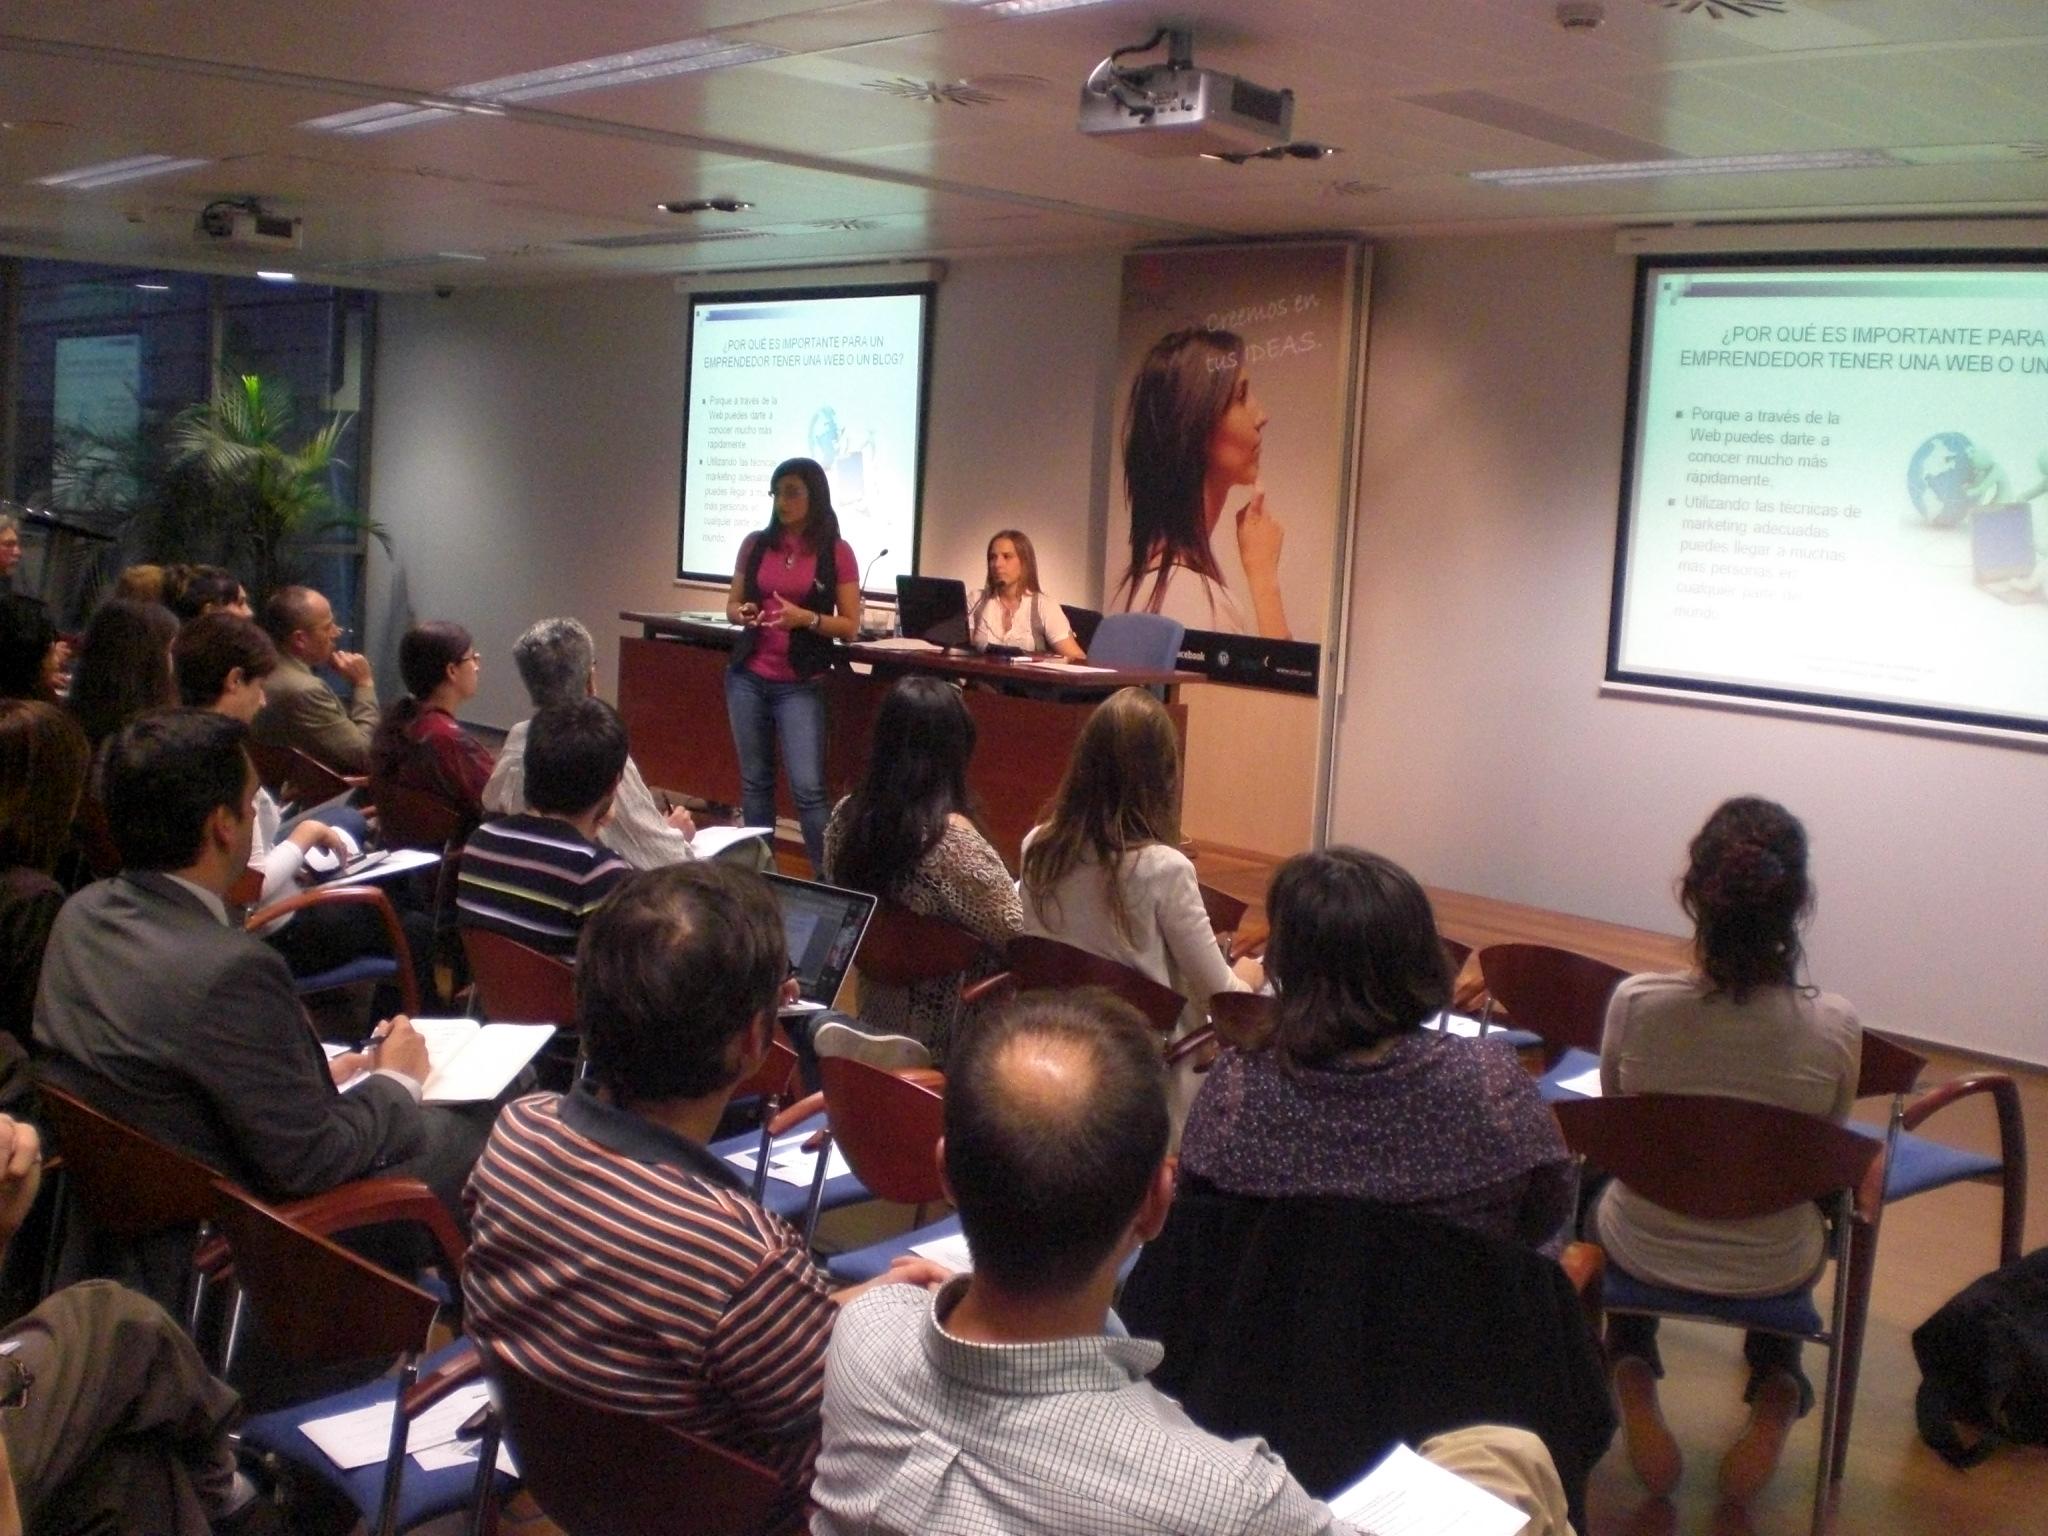 taller de desarrollo personal en madrid - curso